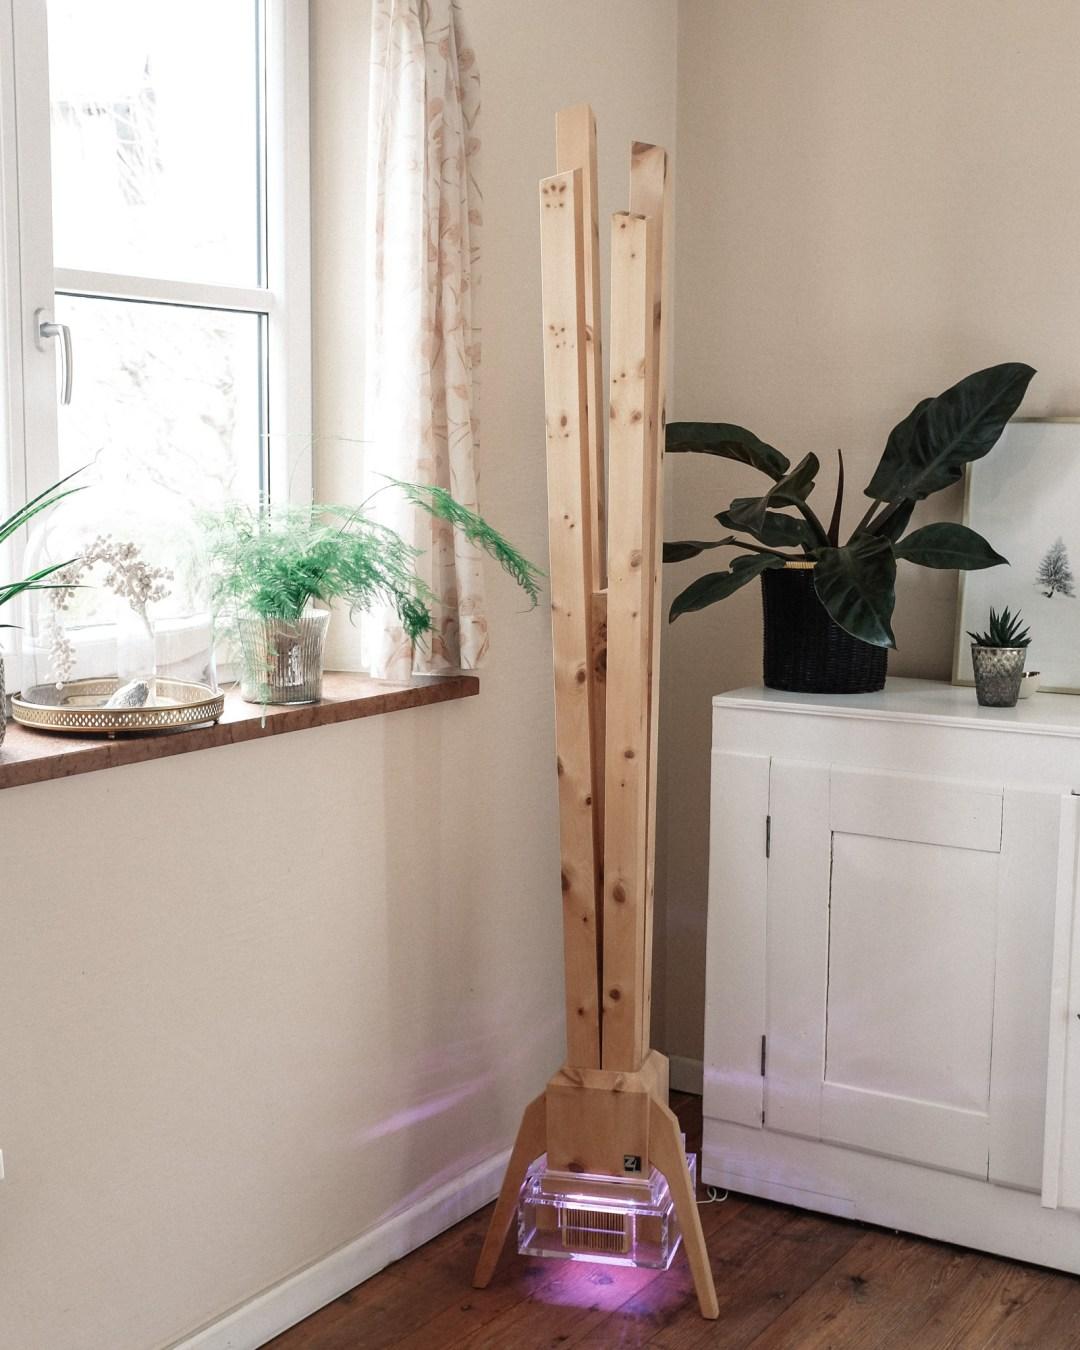 inastil, zirbenluefter, interiordesign, wooddesign, raumklima, zirbe, luxeryhome, lifestyle, wohnideen, wohlfühlen, lifestyle, woodkraft, wohnzimmer, schlafzimmer